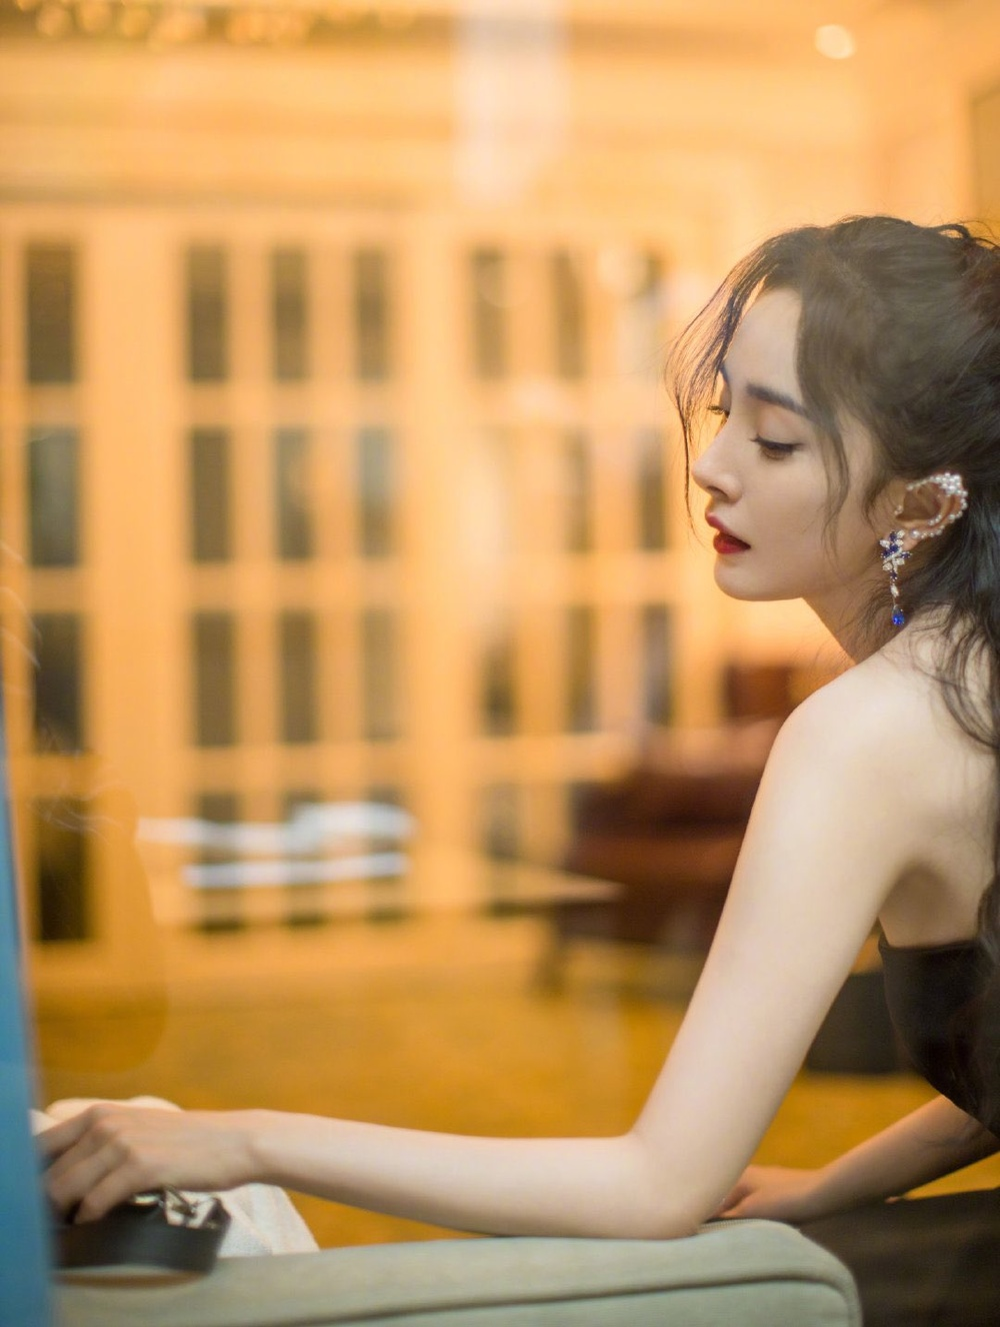 'Đêm hội ELLE 2020': Cận cảnh nhan sắc đẹp nao lòng của Dương Mịch, Cổ Lực Na Trát, Đường Yên và loạt sao Cbiz Ảnh 4